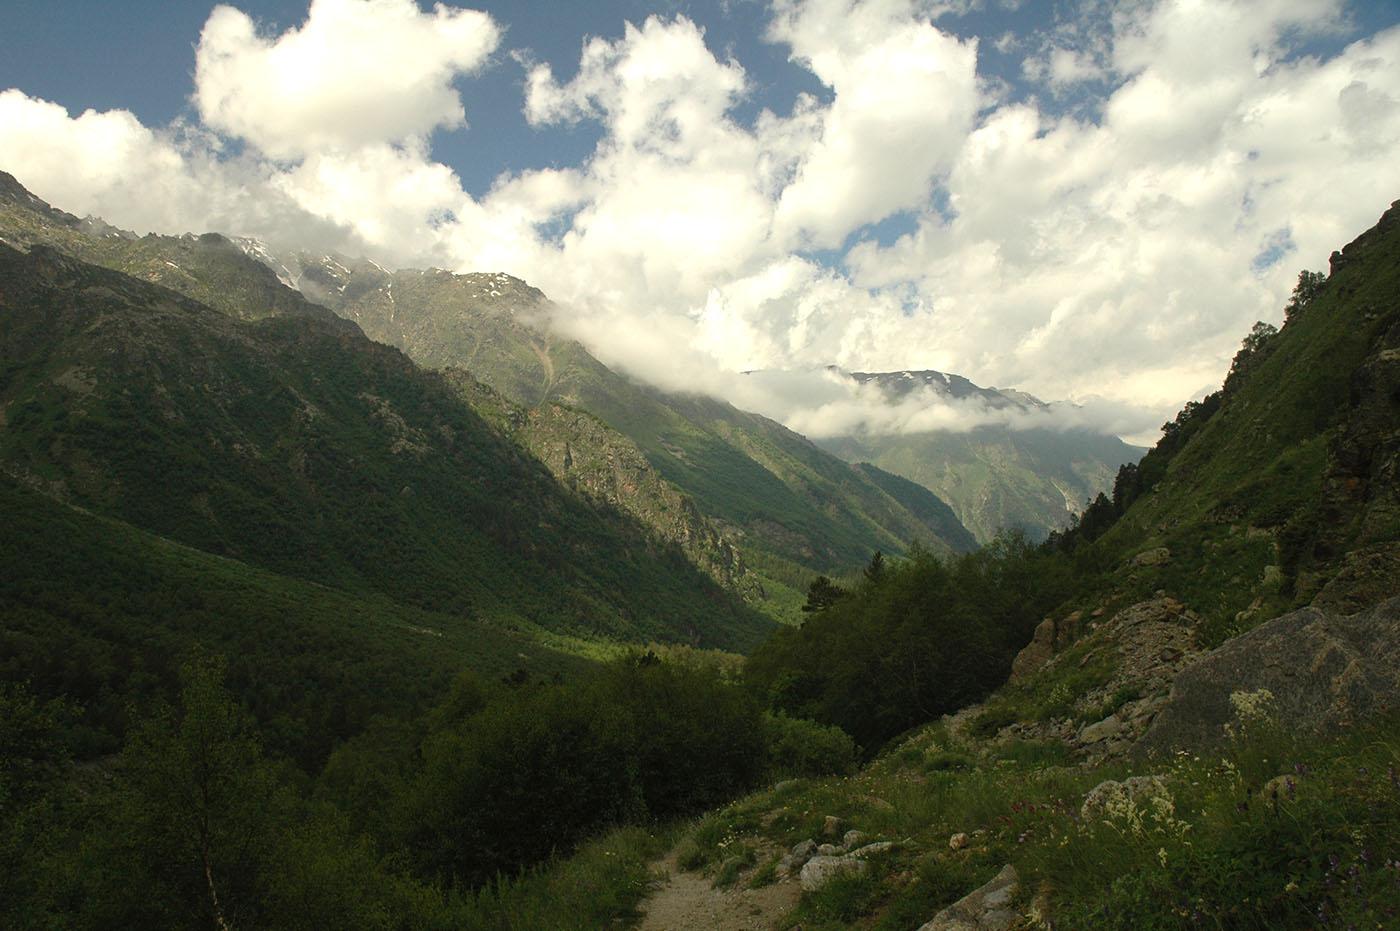 фото_118_день_12_спуск в долину .jpg